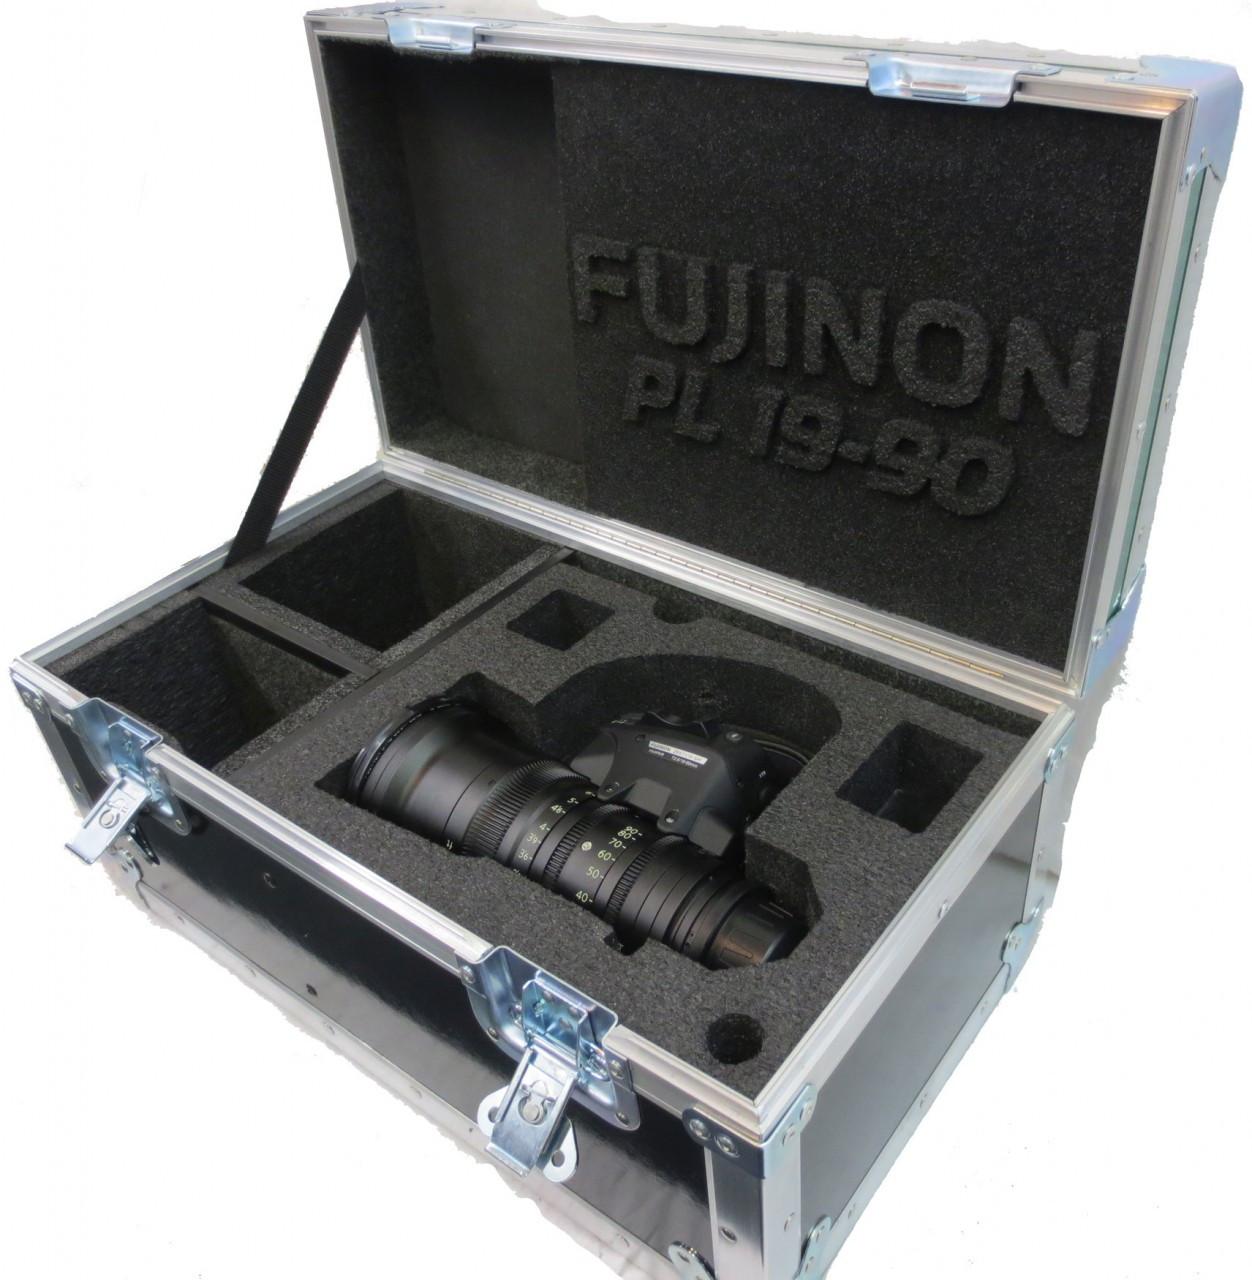 Fujinon 19-90 T2.9 Cabrio Zoom Lens with LMB 5 Matte Box Shipping Case